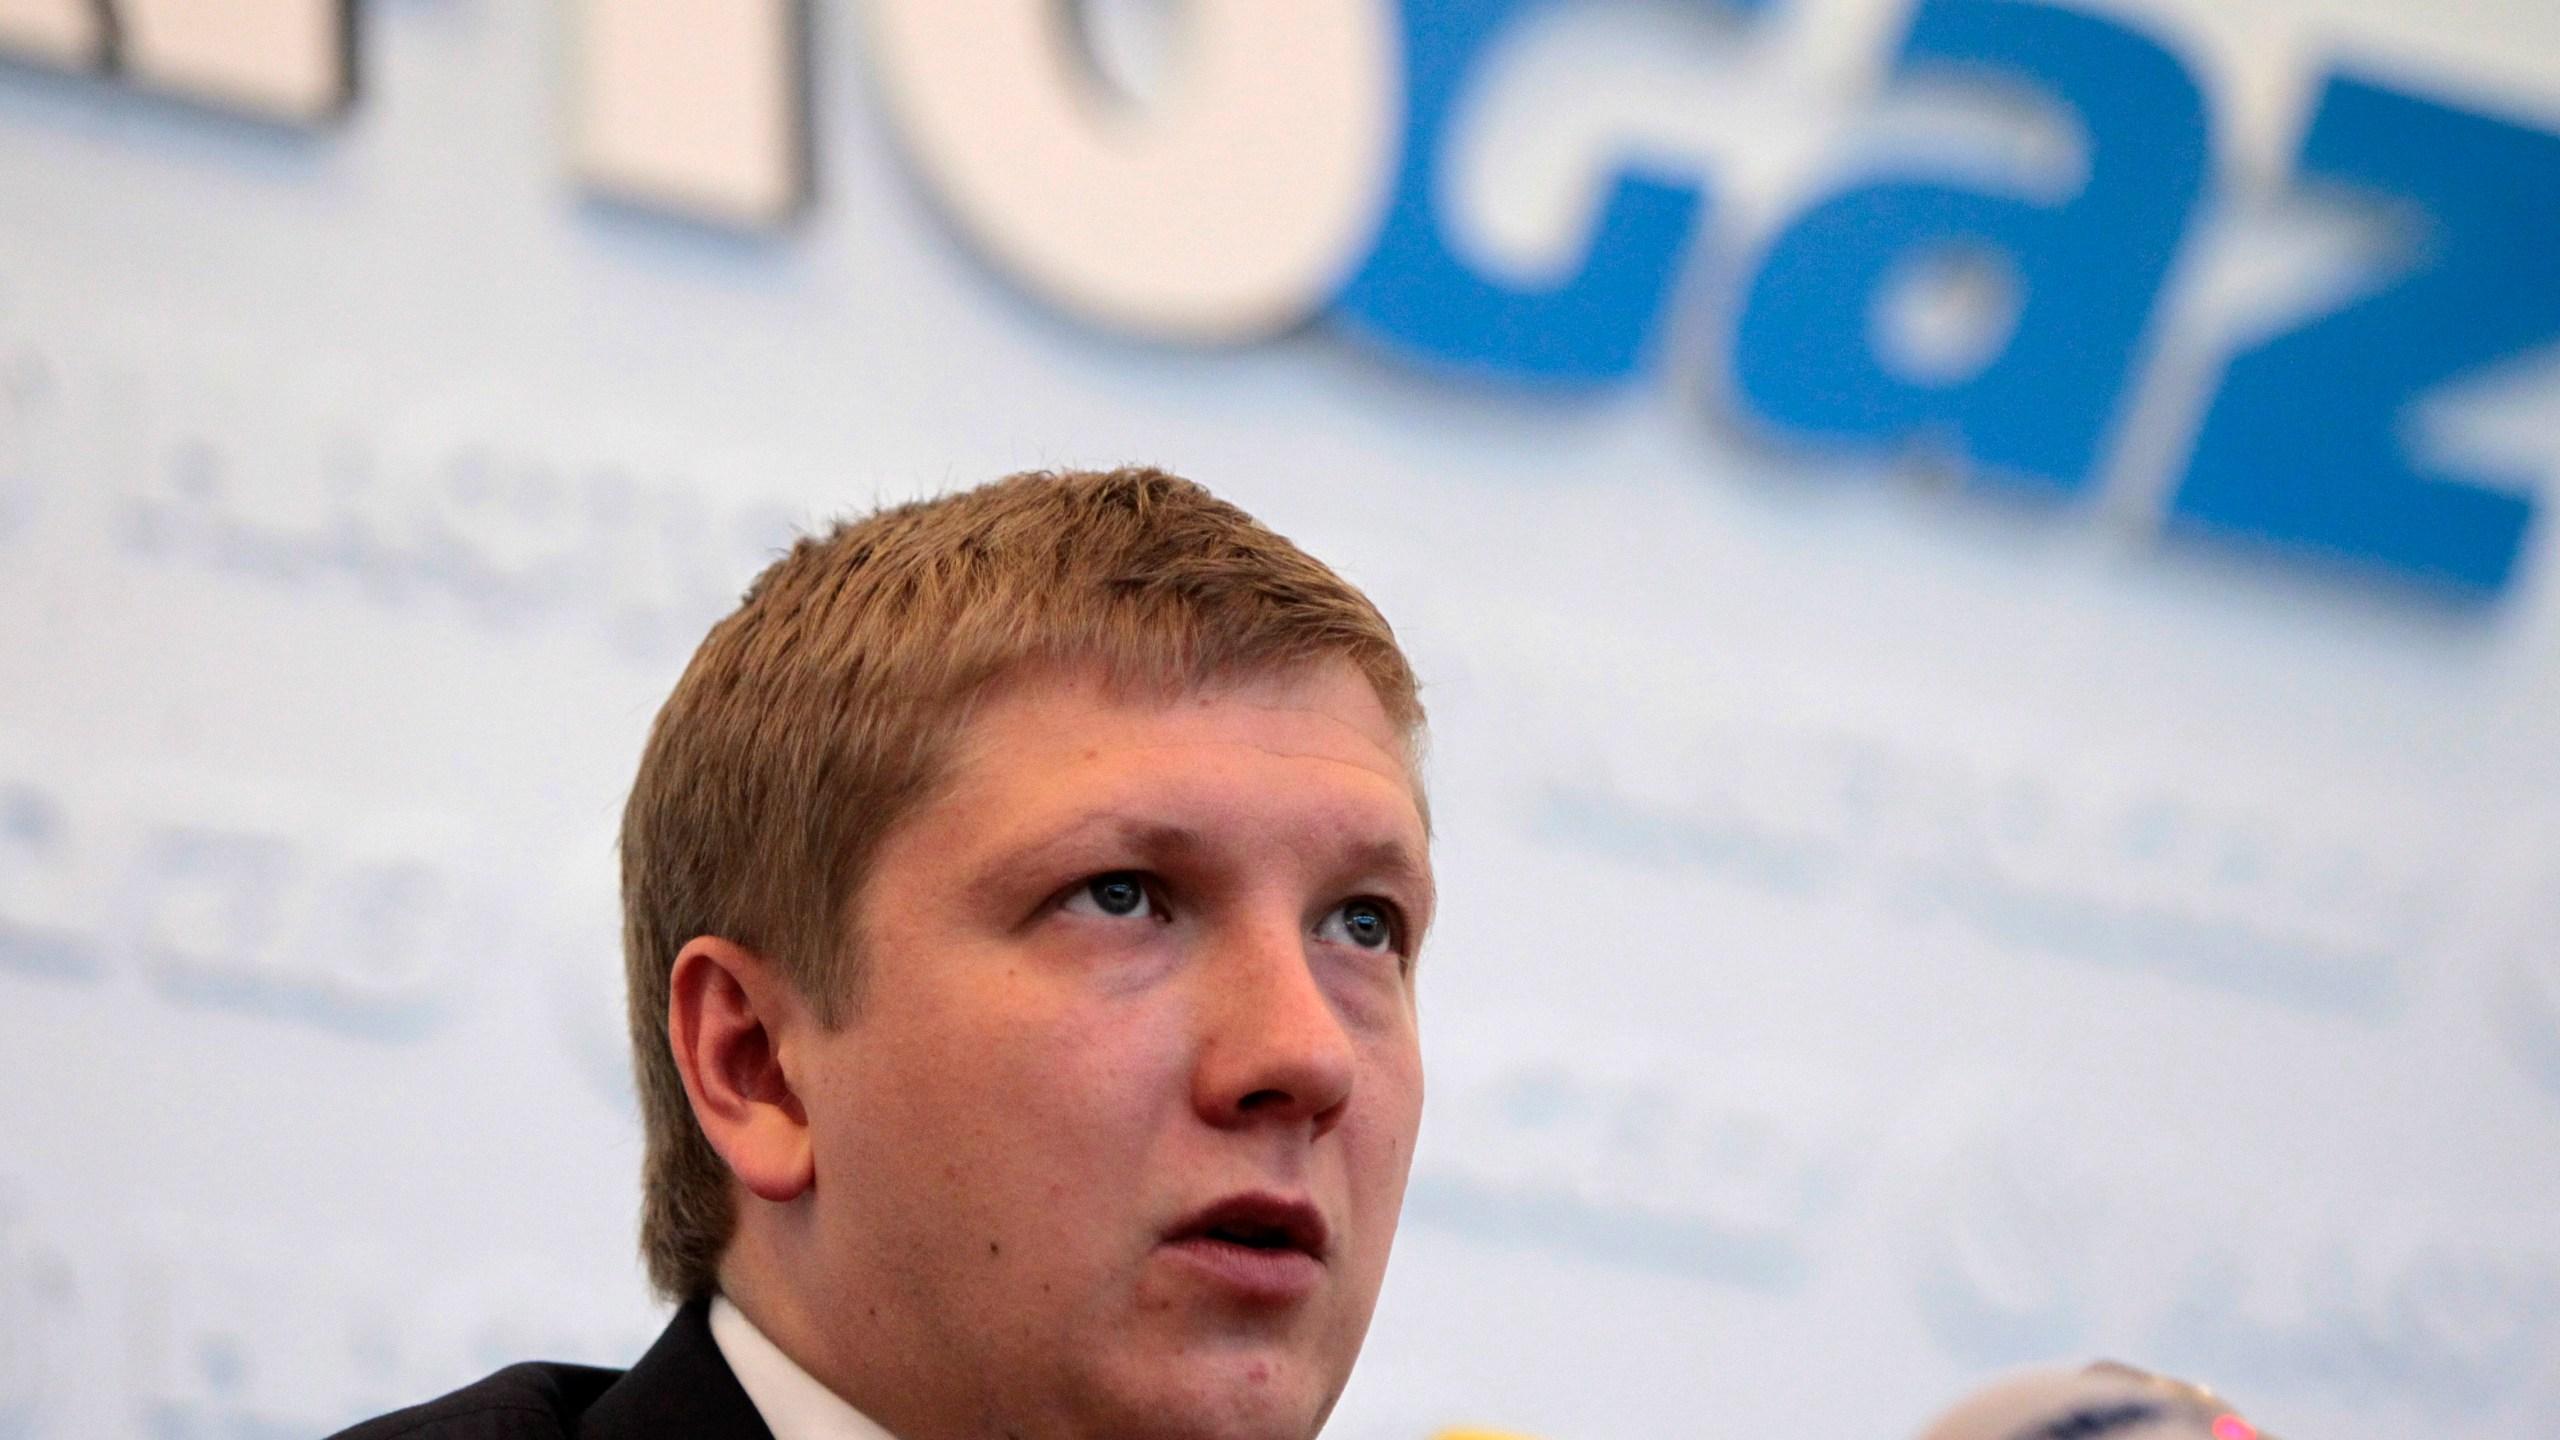 Andrew Kobolev, Andriy Kobolyev